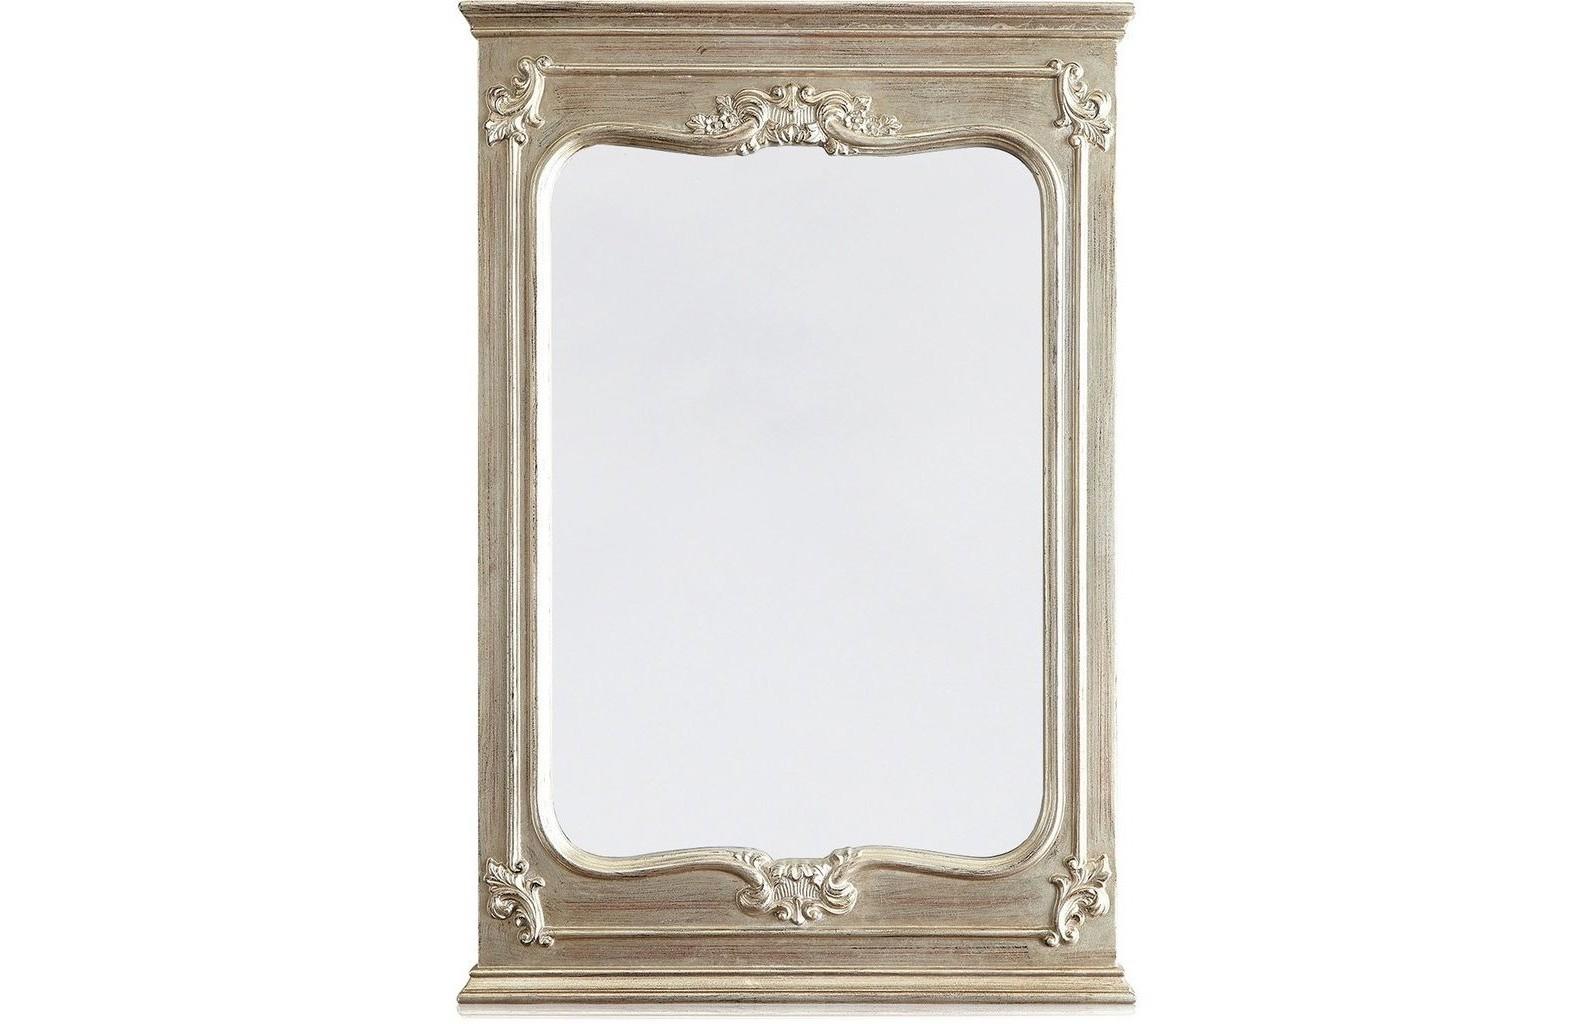 Зеркало ВивьенНастенные зеркала<br>Интерьерное зеркало без фацета.&amp;nbsp;Крепления входят в стоимость.<br><br>kit: None<br>gender: None